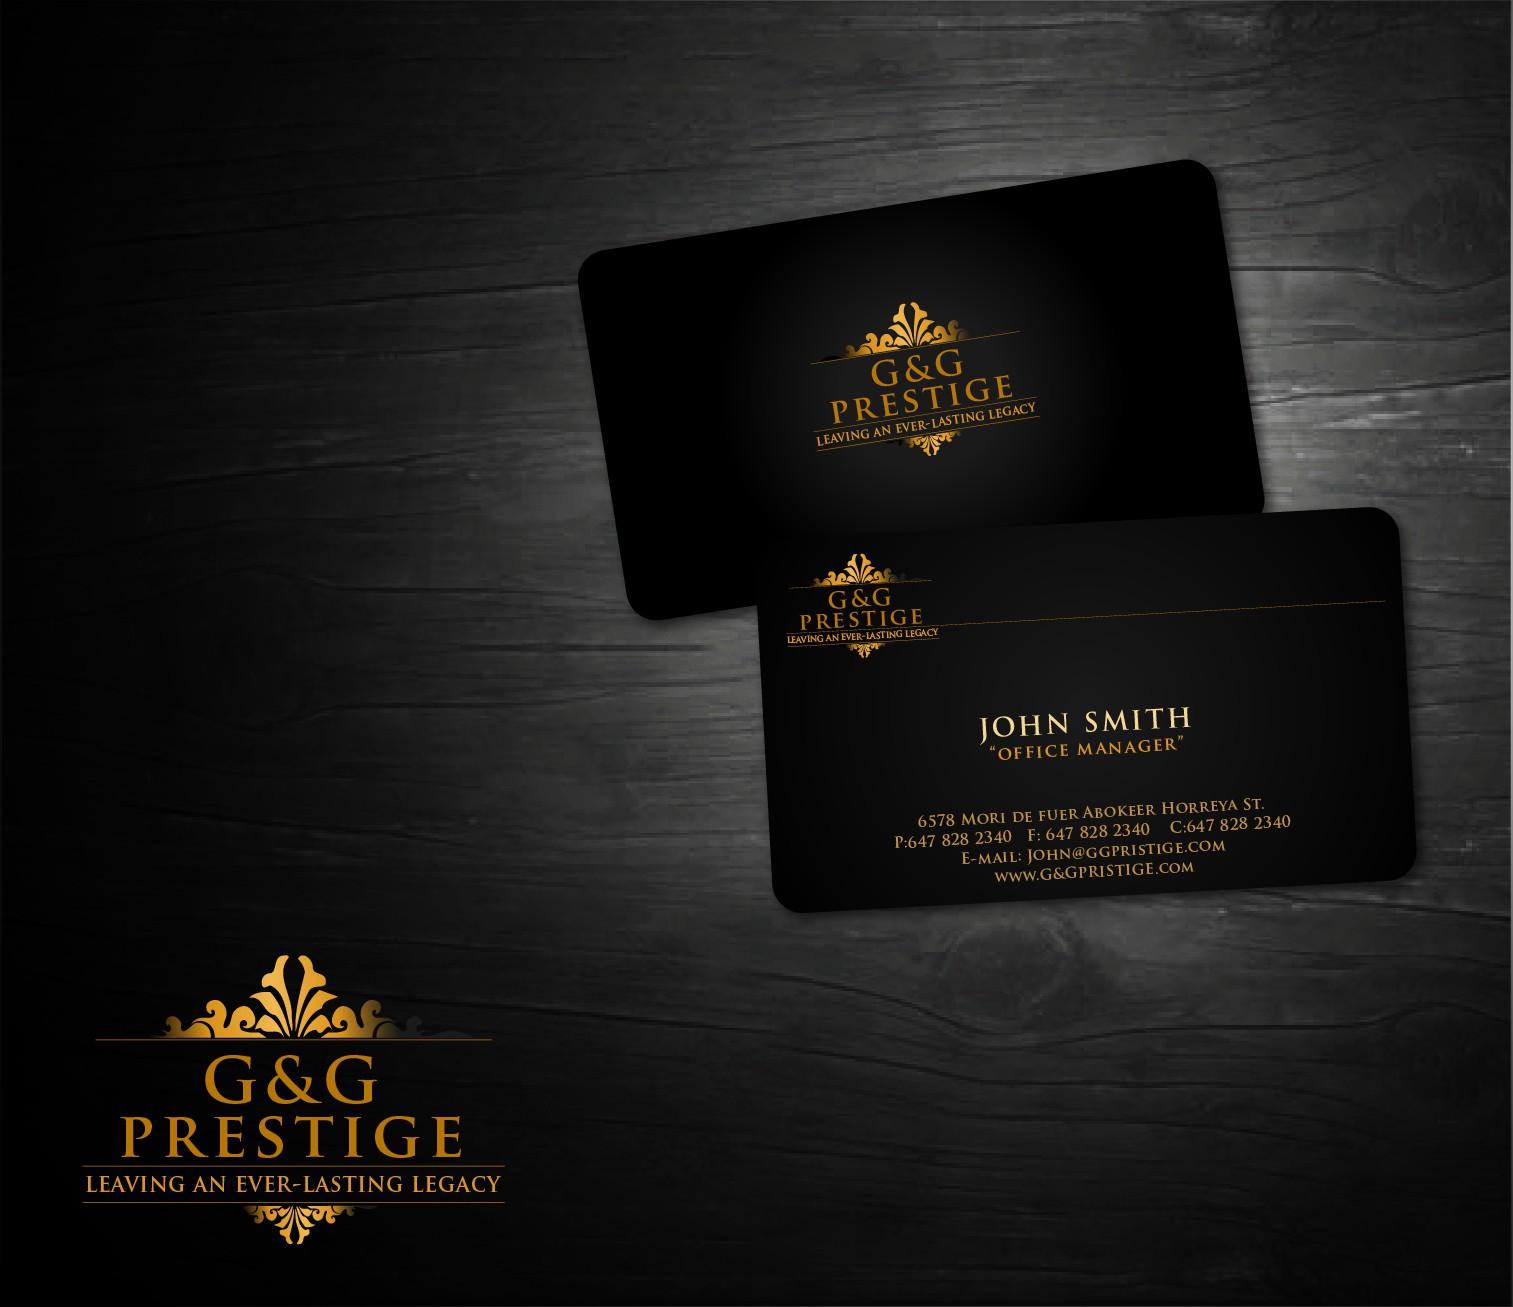 logo for G & G Prestige